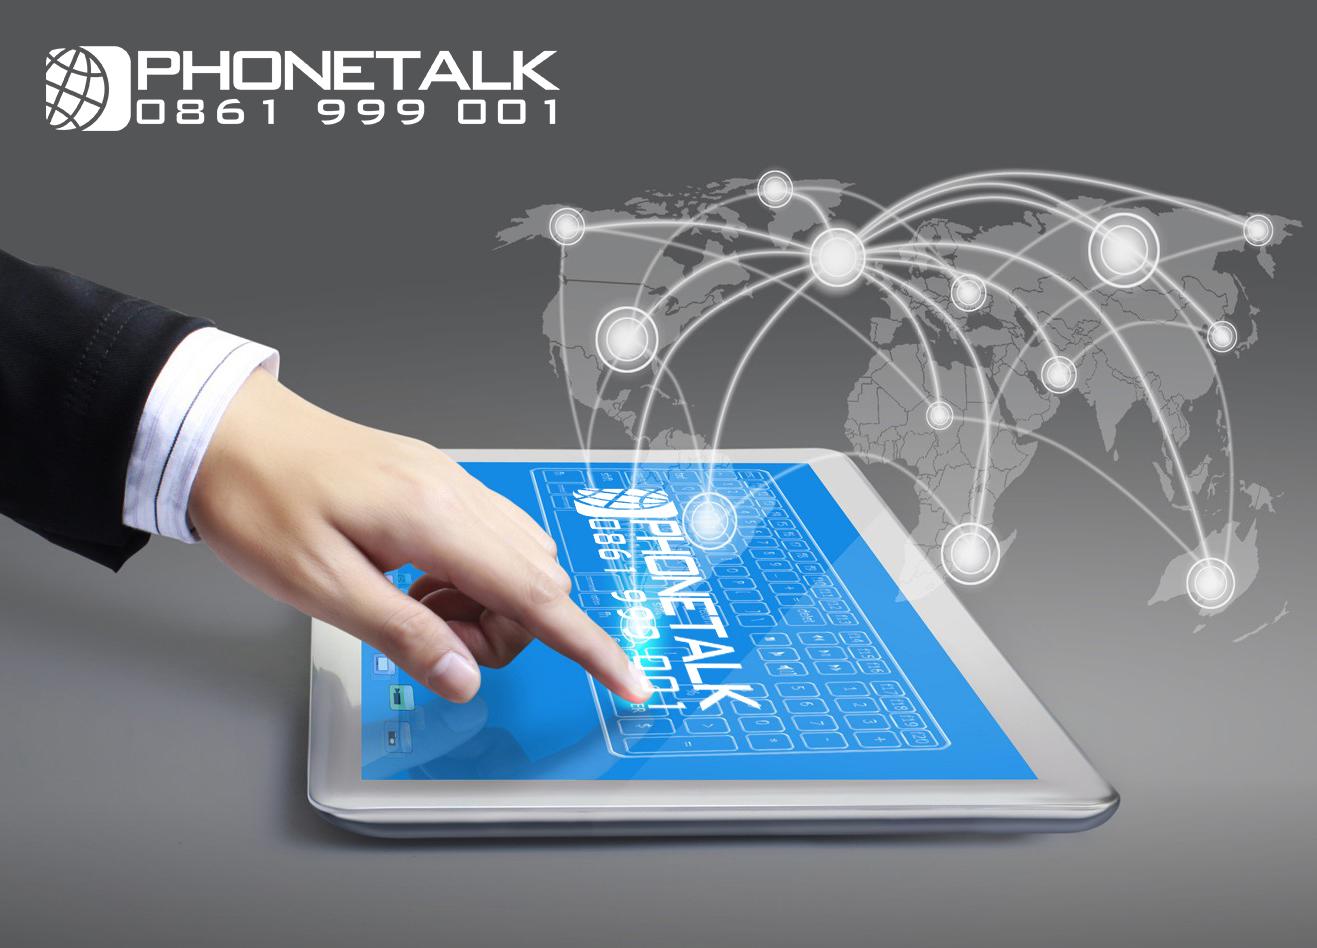 Phonetalk